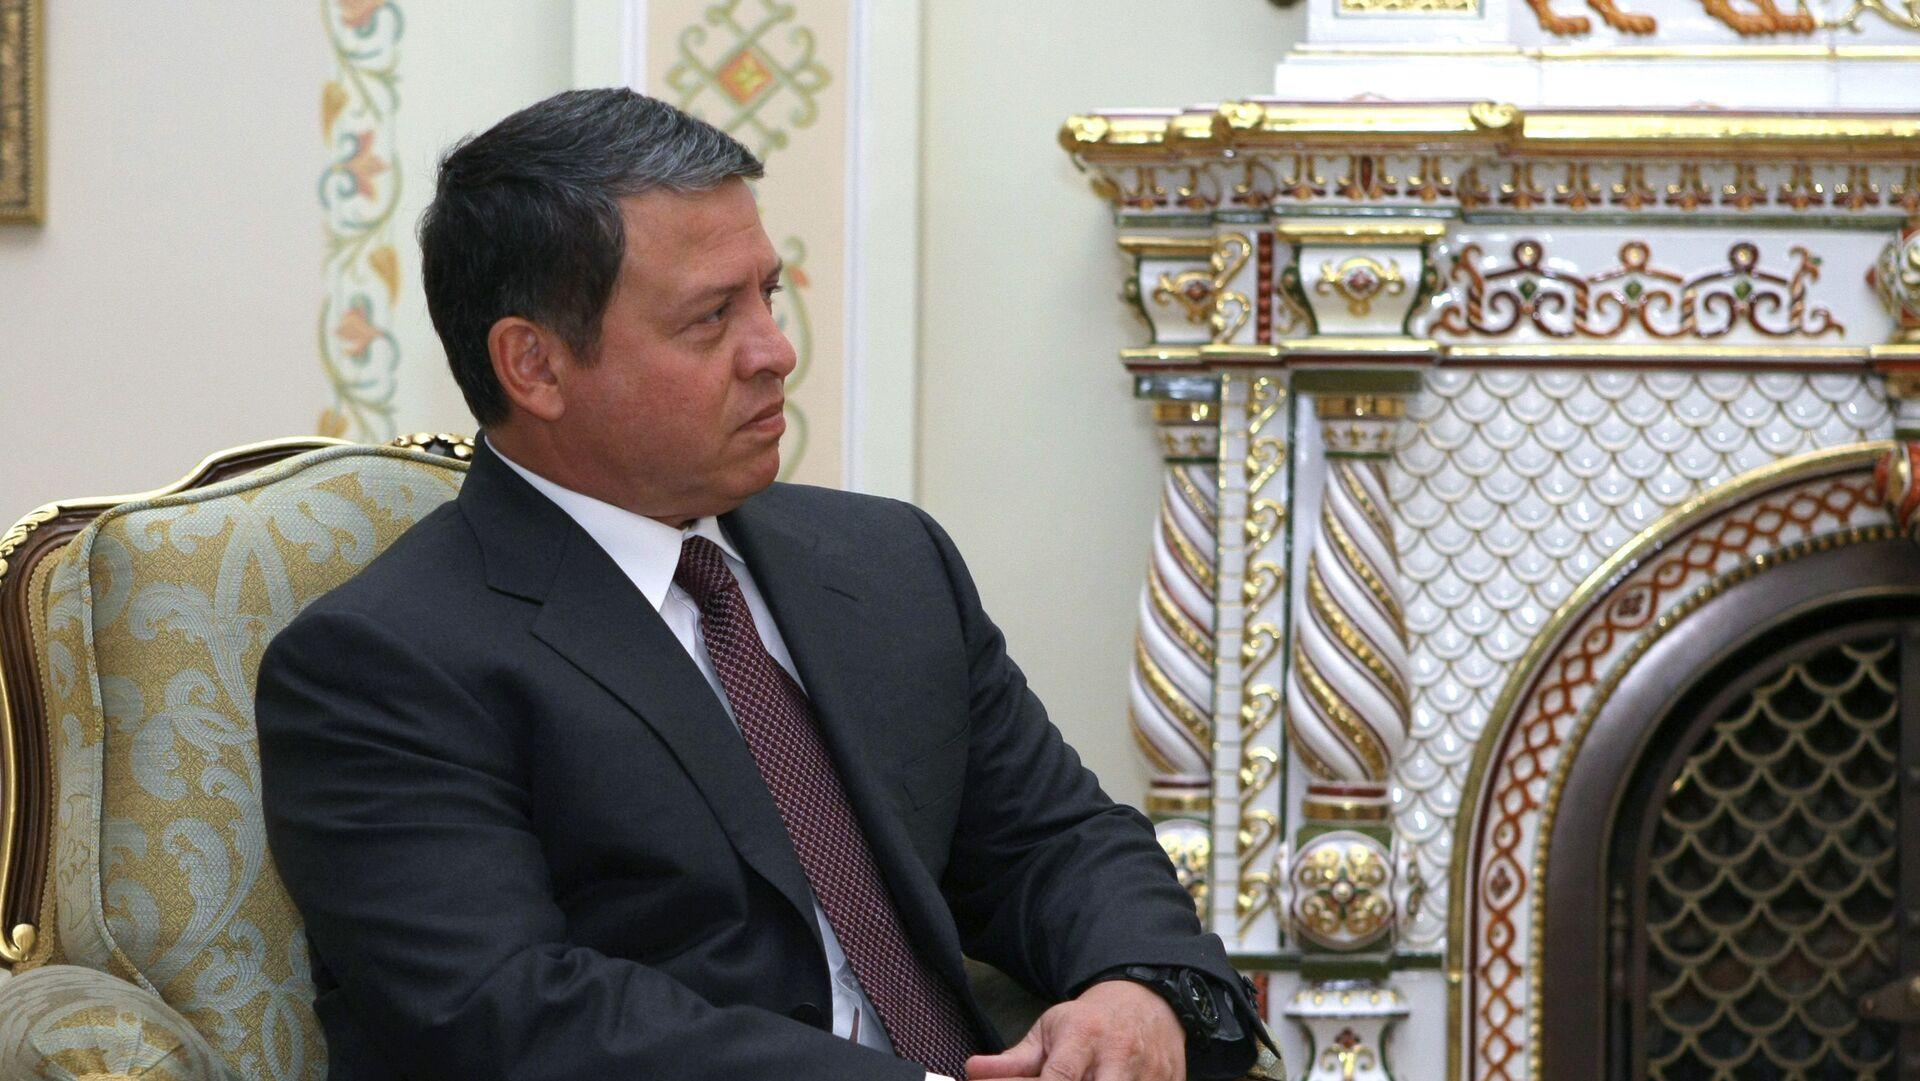 Брат короля Иордании заявил, что он под домашним арестом и лишен охраны